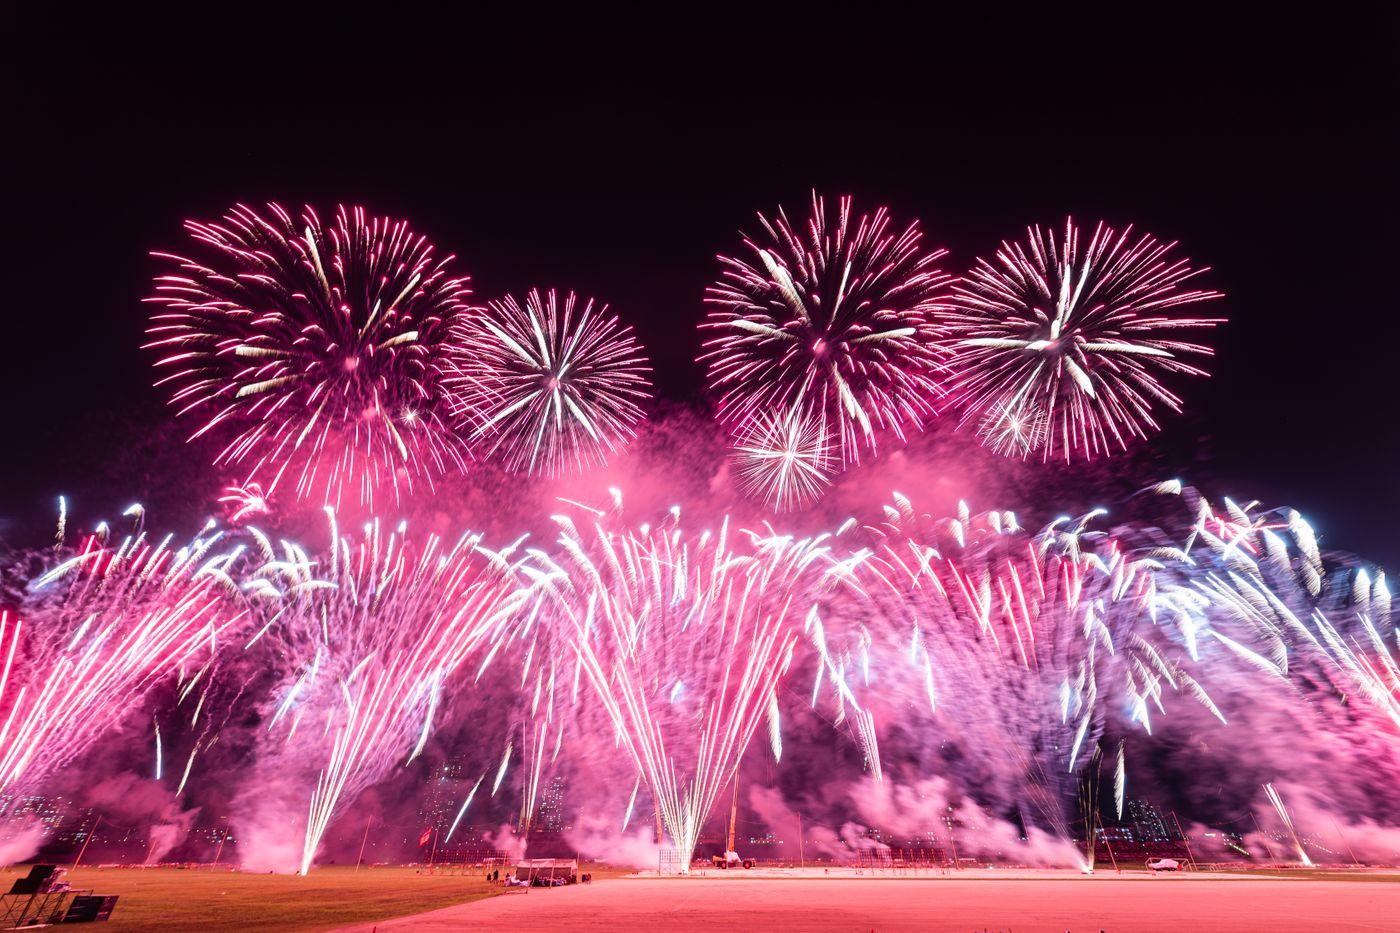 連発で打ち上げる花火(江戸川区花火大会)の写真